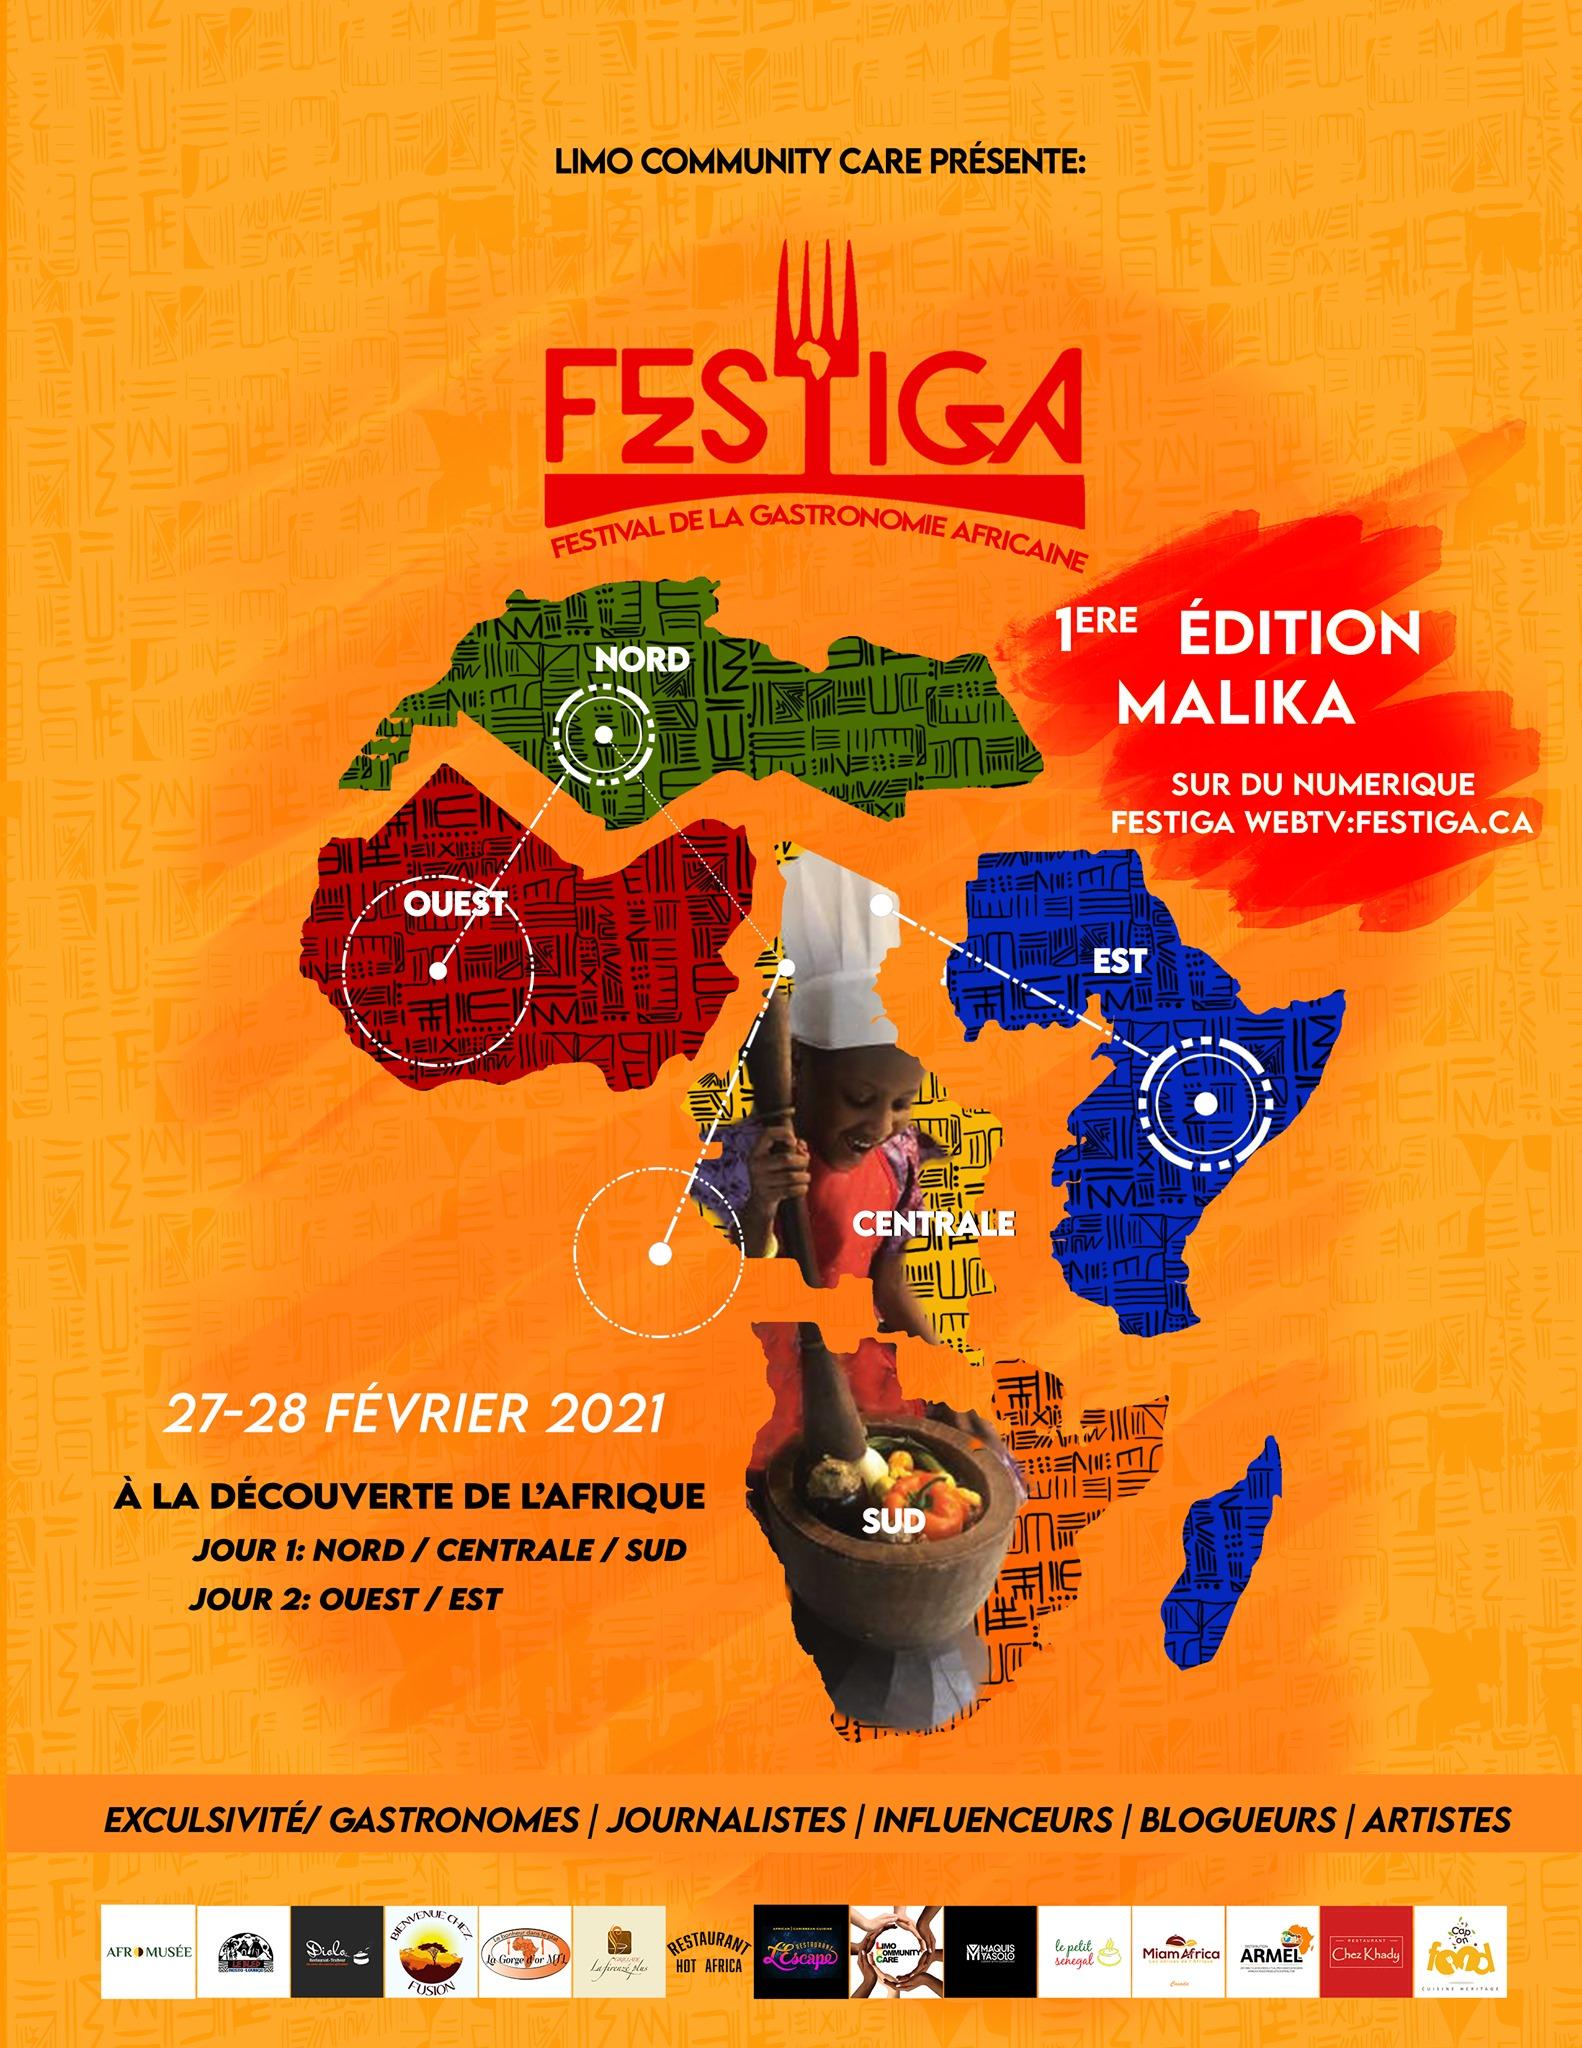 FESTIVAL DE LA GASTRONOMIE AFRICAINE